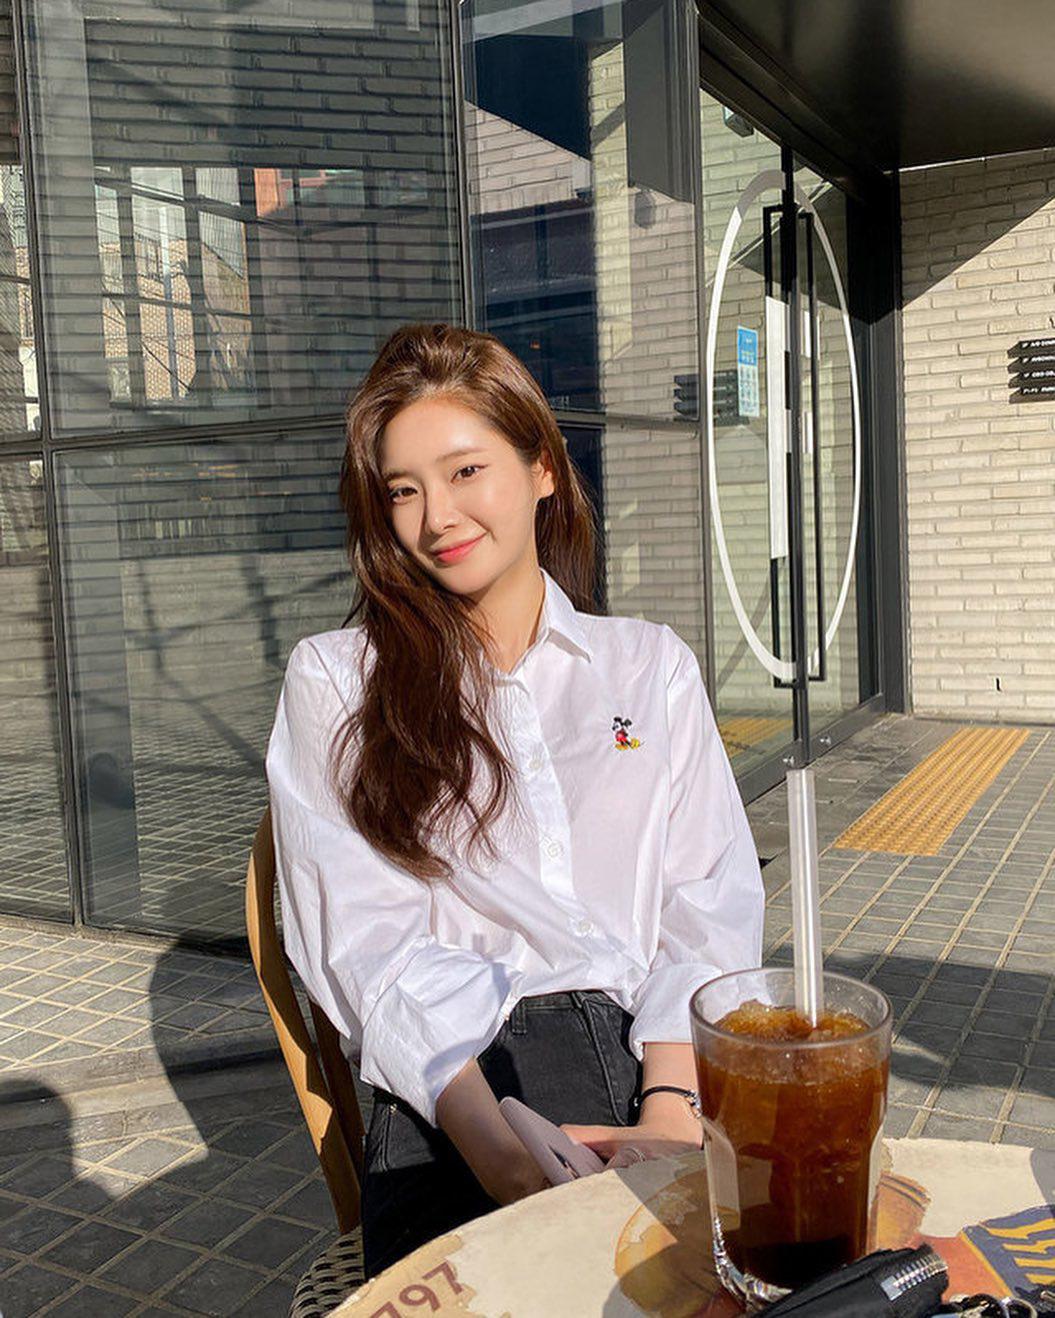 Chủ salon tóc người Hàn chỉ ra sai lầm hủy hoại tóc khi gội đầu: Gái Hàn không bao giờ mắc phải vì hại tóc cực kỳ - Ảnh 6.